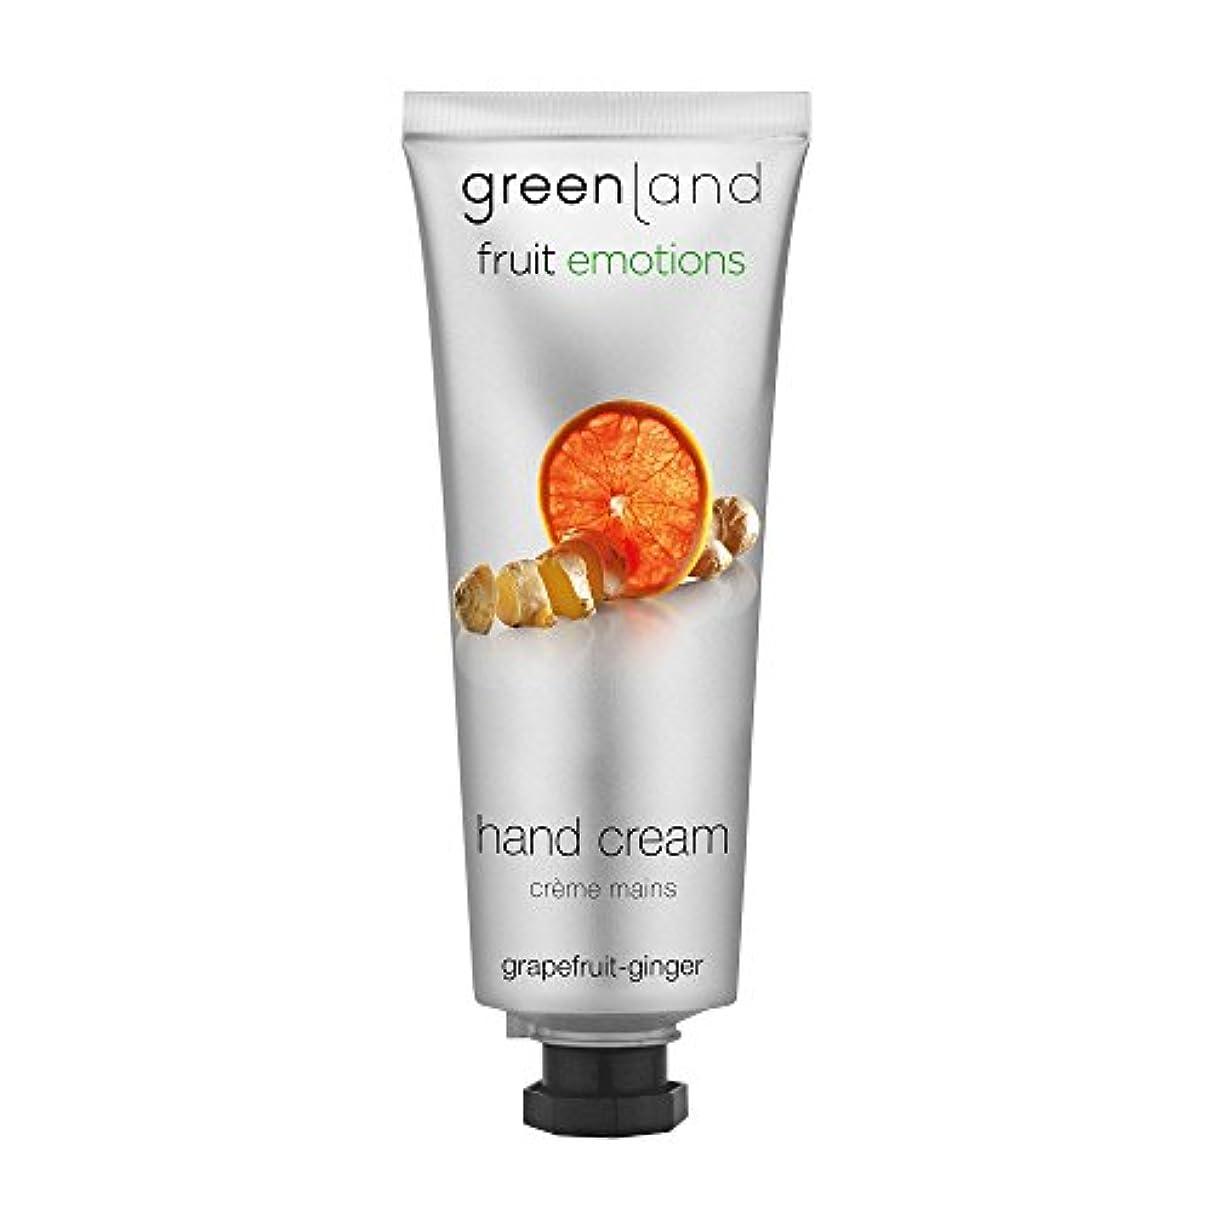 準拠検索エンジン最適化不適当greenland [FruitEmotions] ハンドクリーム 75ml グレープフルーツ&ジンジャー FE0535